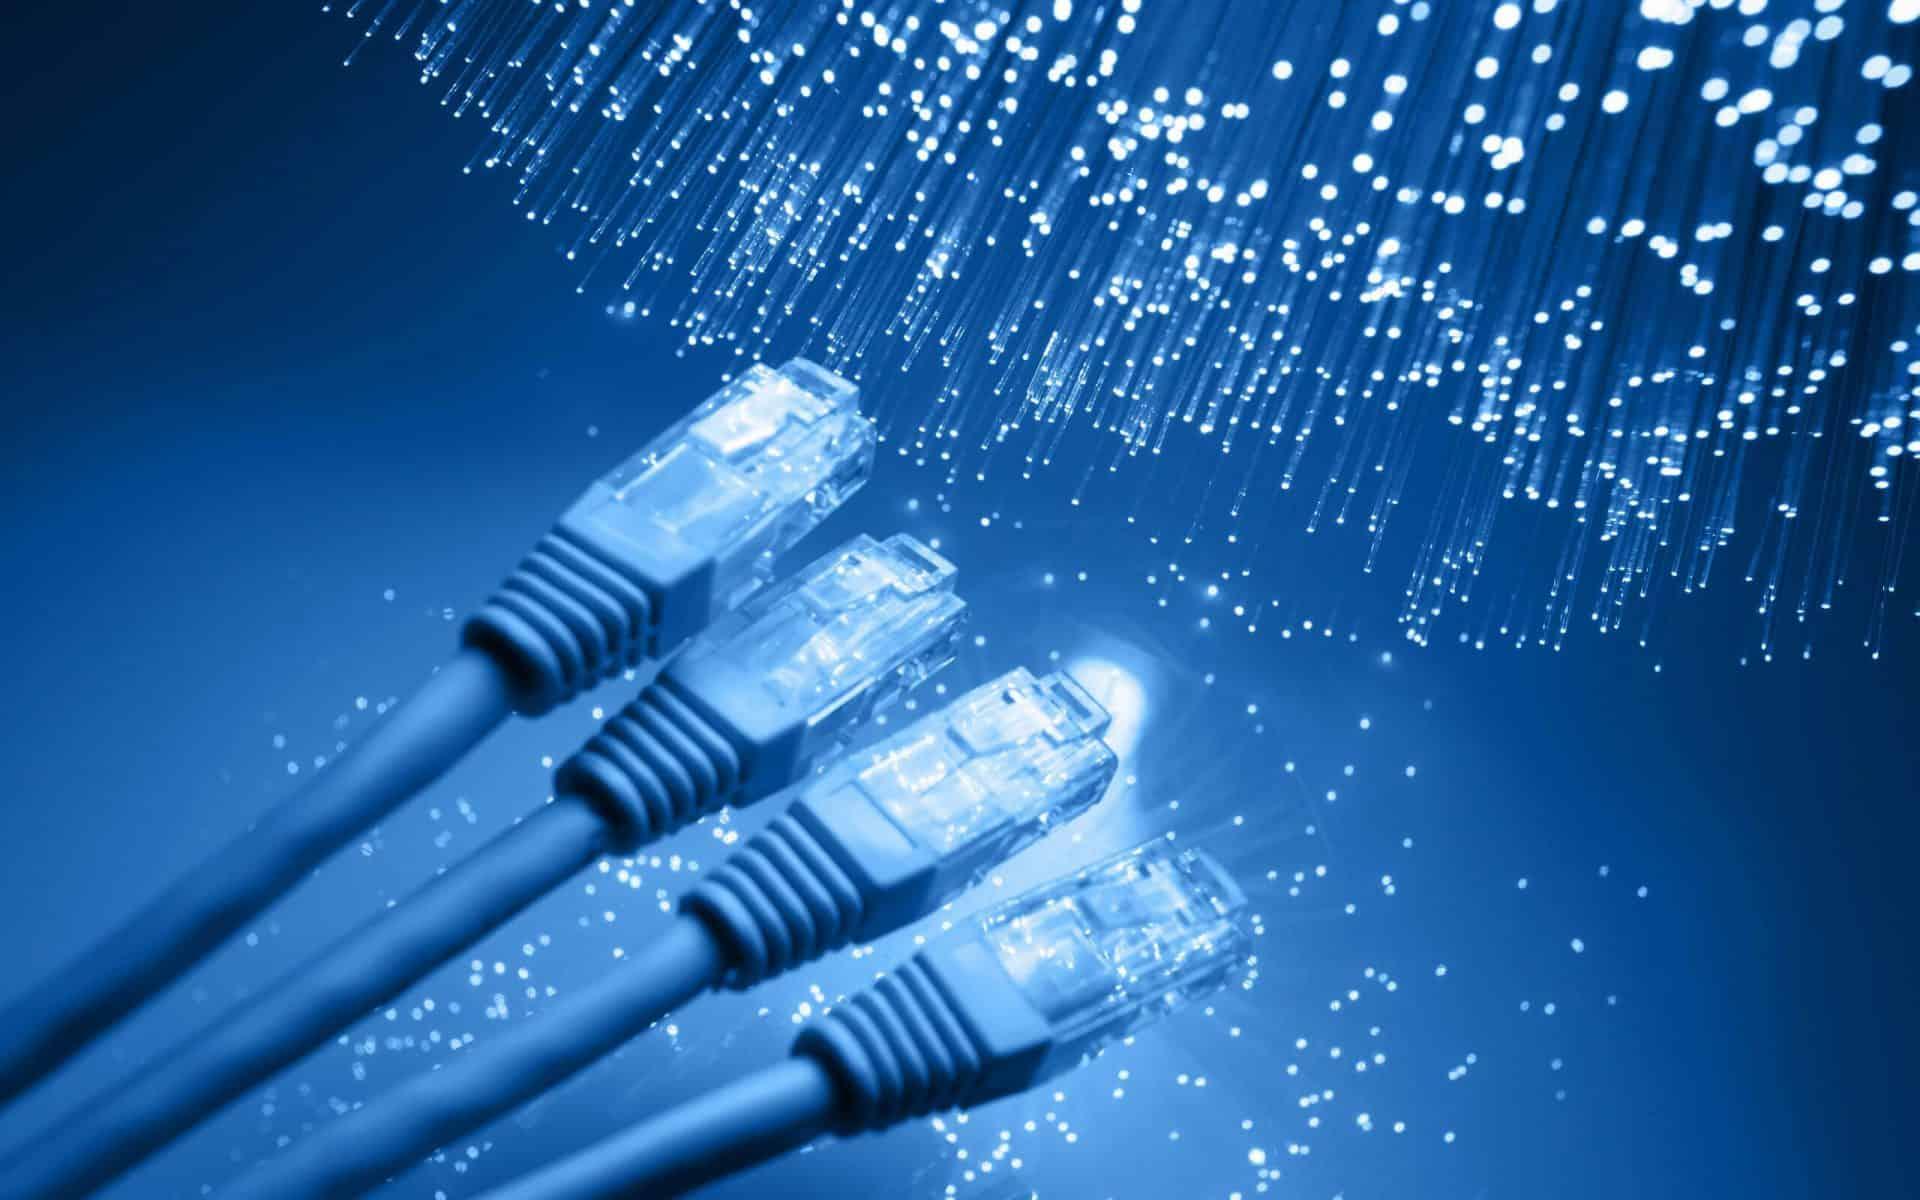 connexion internet VDSL rapide entreprise